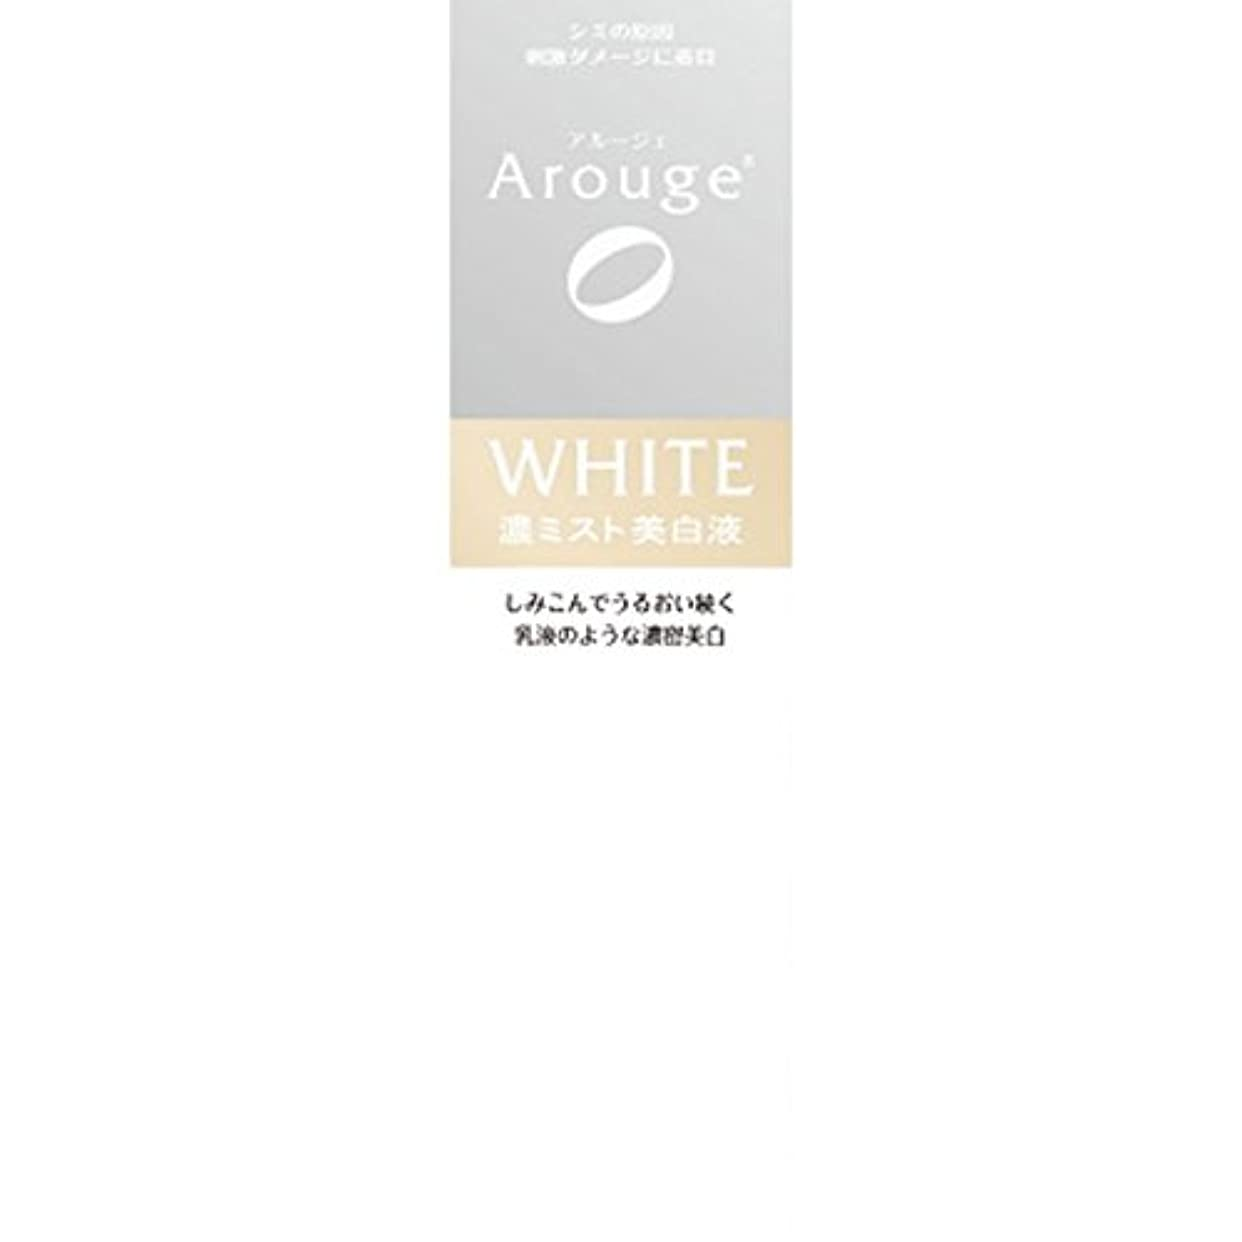 浮くラジウム文字通り【医薬部外品】アルージェホワイトニングミストセラム 100ML【2個セット】